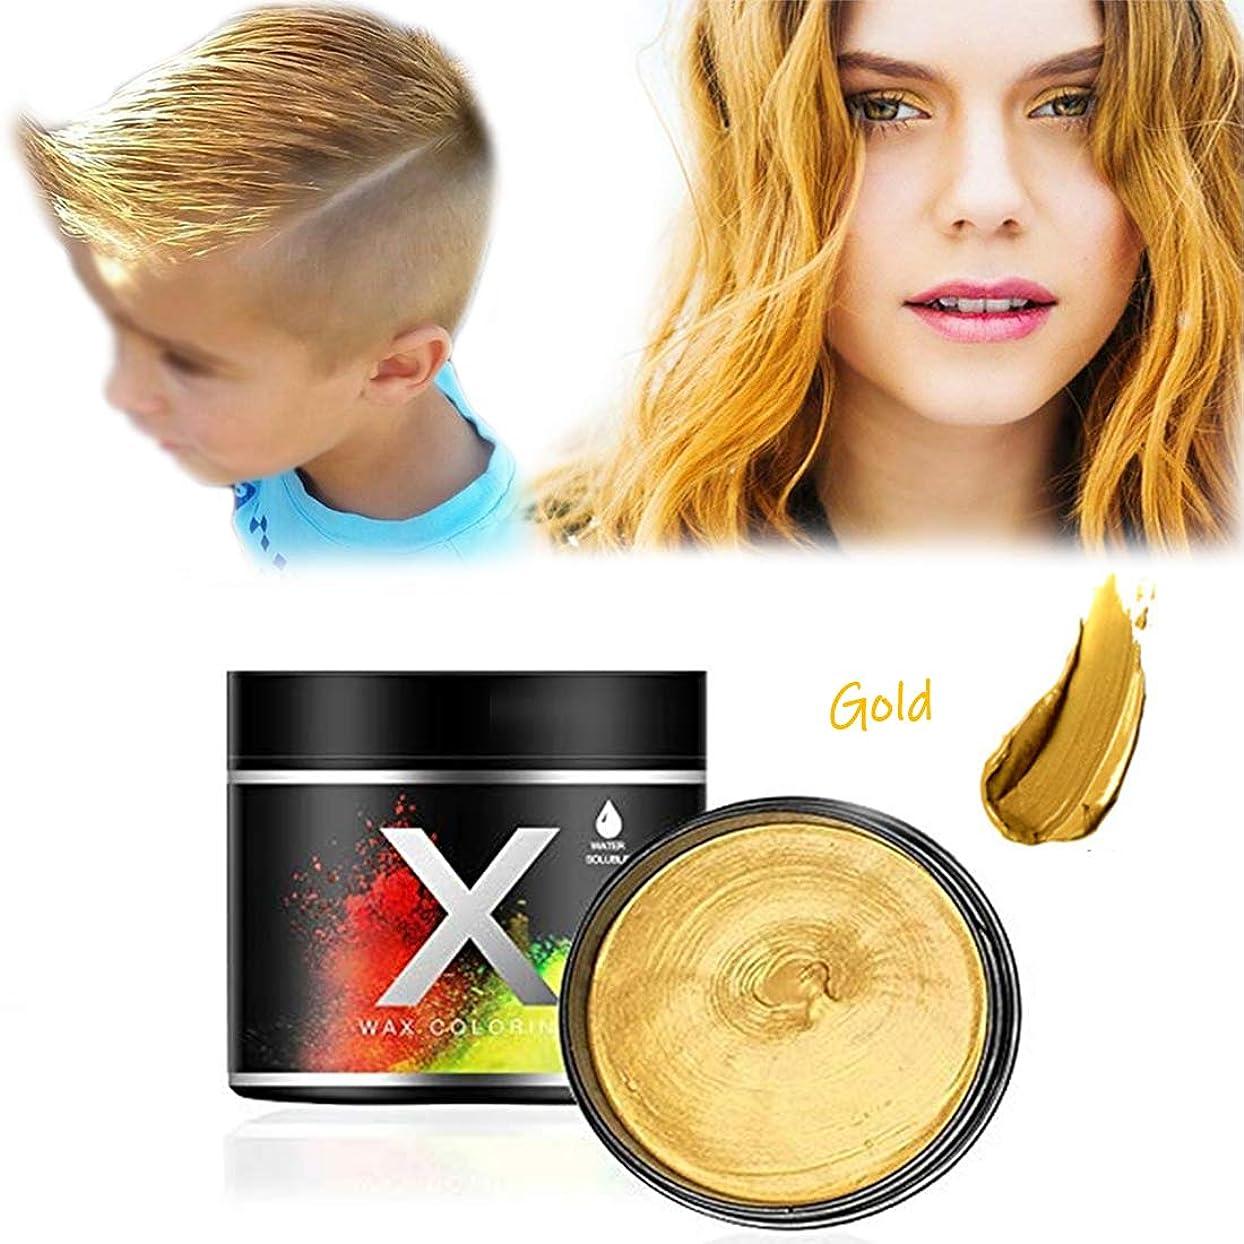 評価する論理インシュレータヘアカラーワックス、一時的なモデリングナチュラルカラーヘアダイワックス、一時的なヘアスタイルクリーム、パーティー、コスプレ、パーティー、仮装、ナイトクラブ、ハロウィンのためのスタイルワックス (ゴールド)